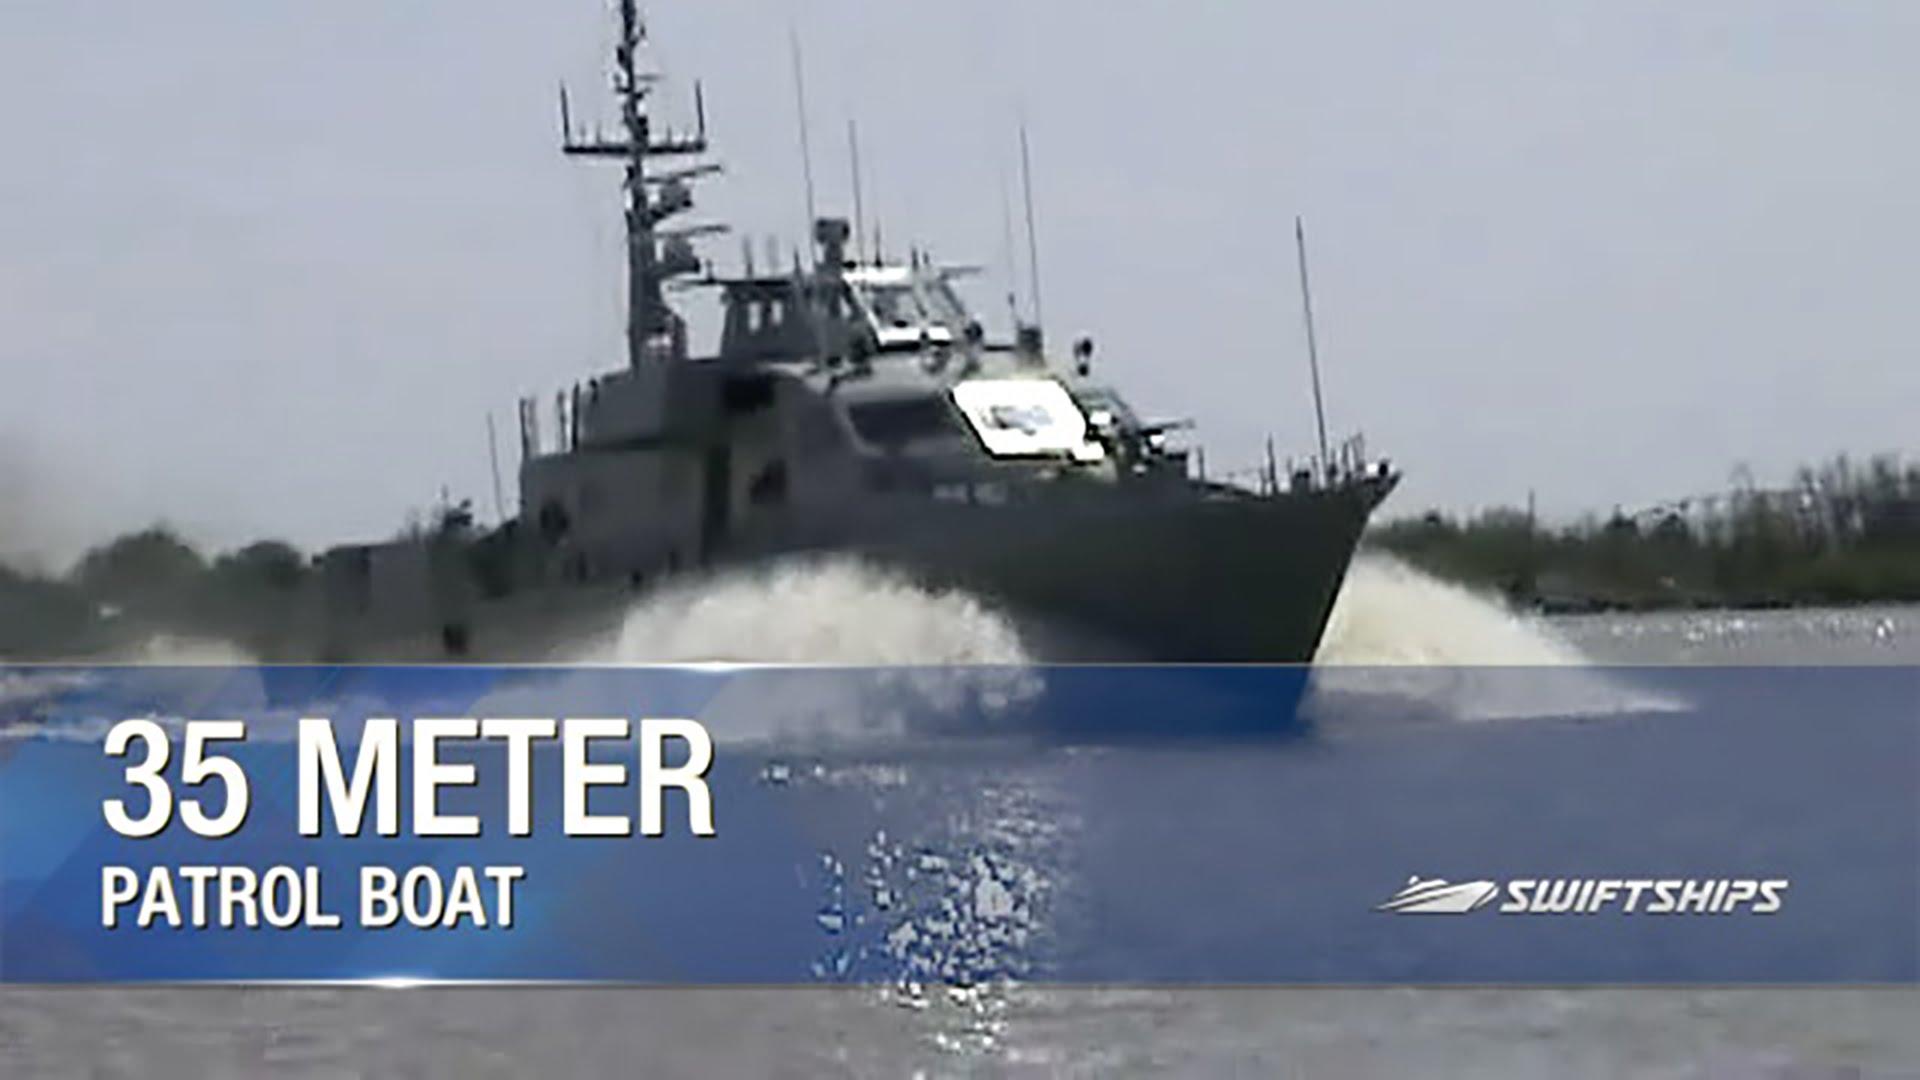 35 Meter Fast Patrol Boat - YouTube